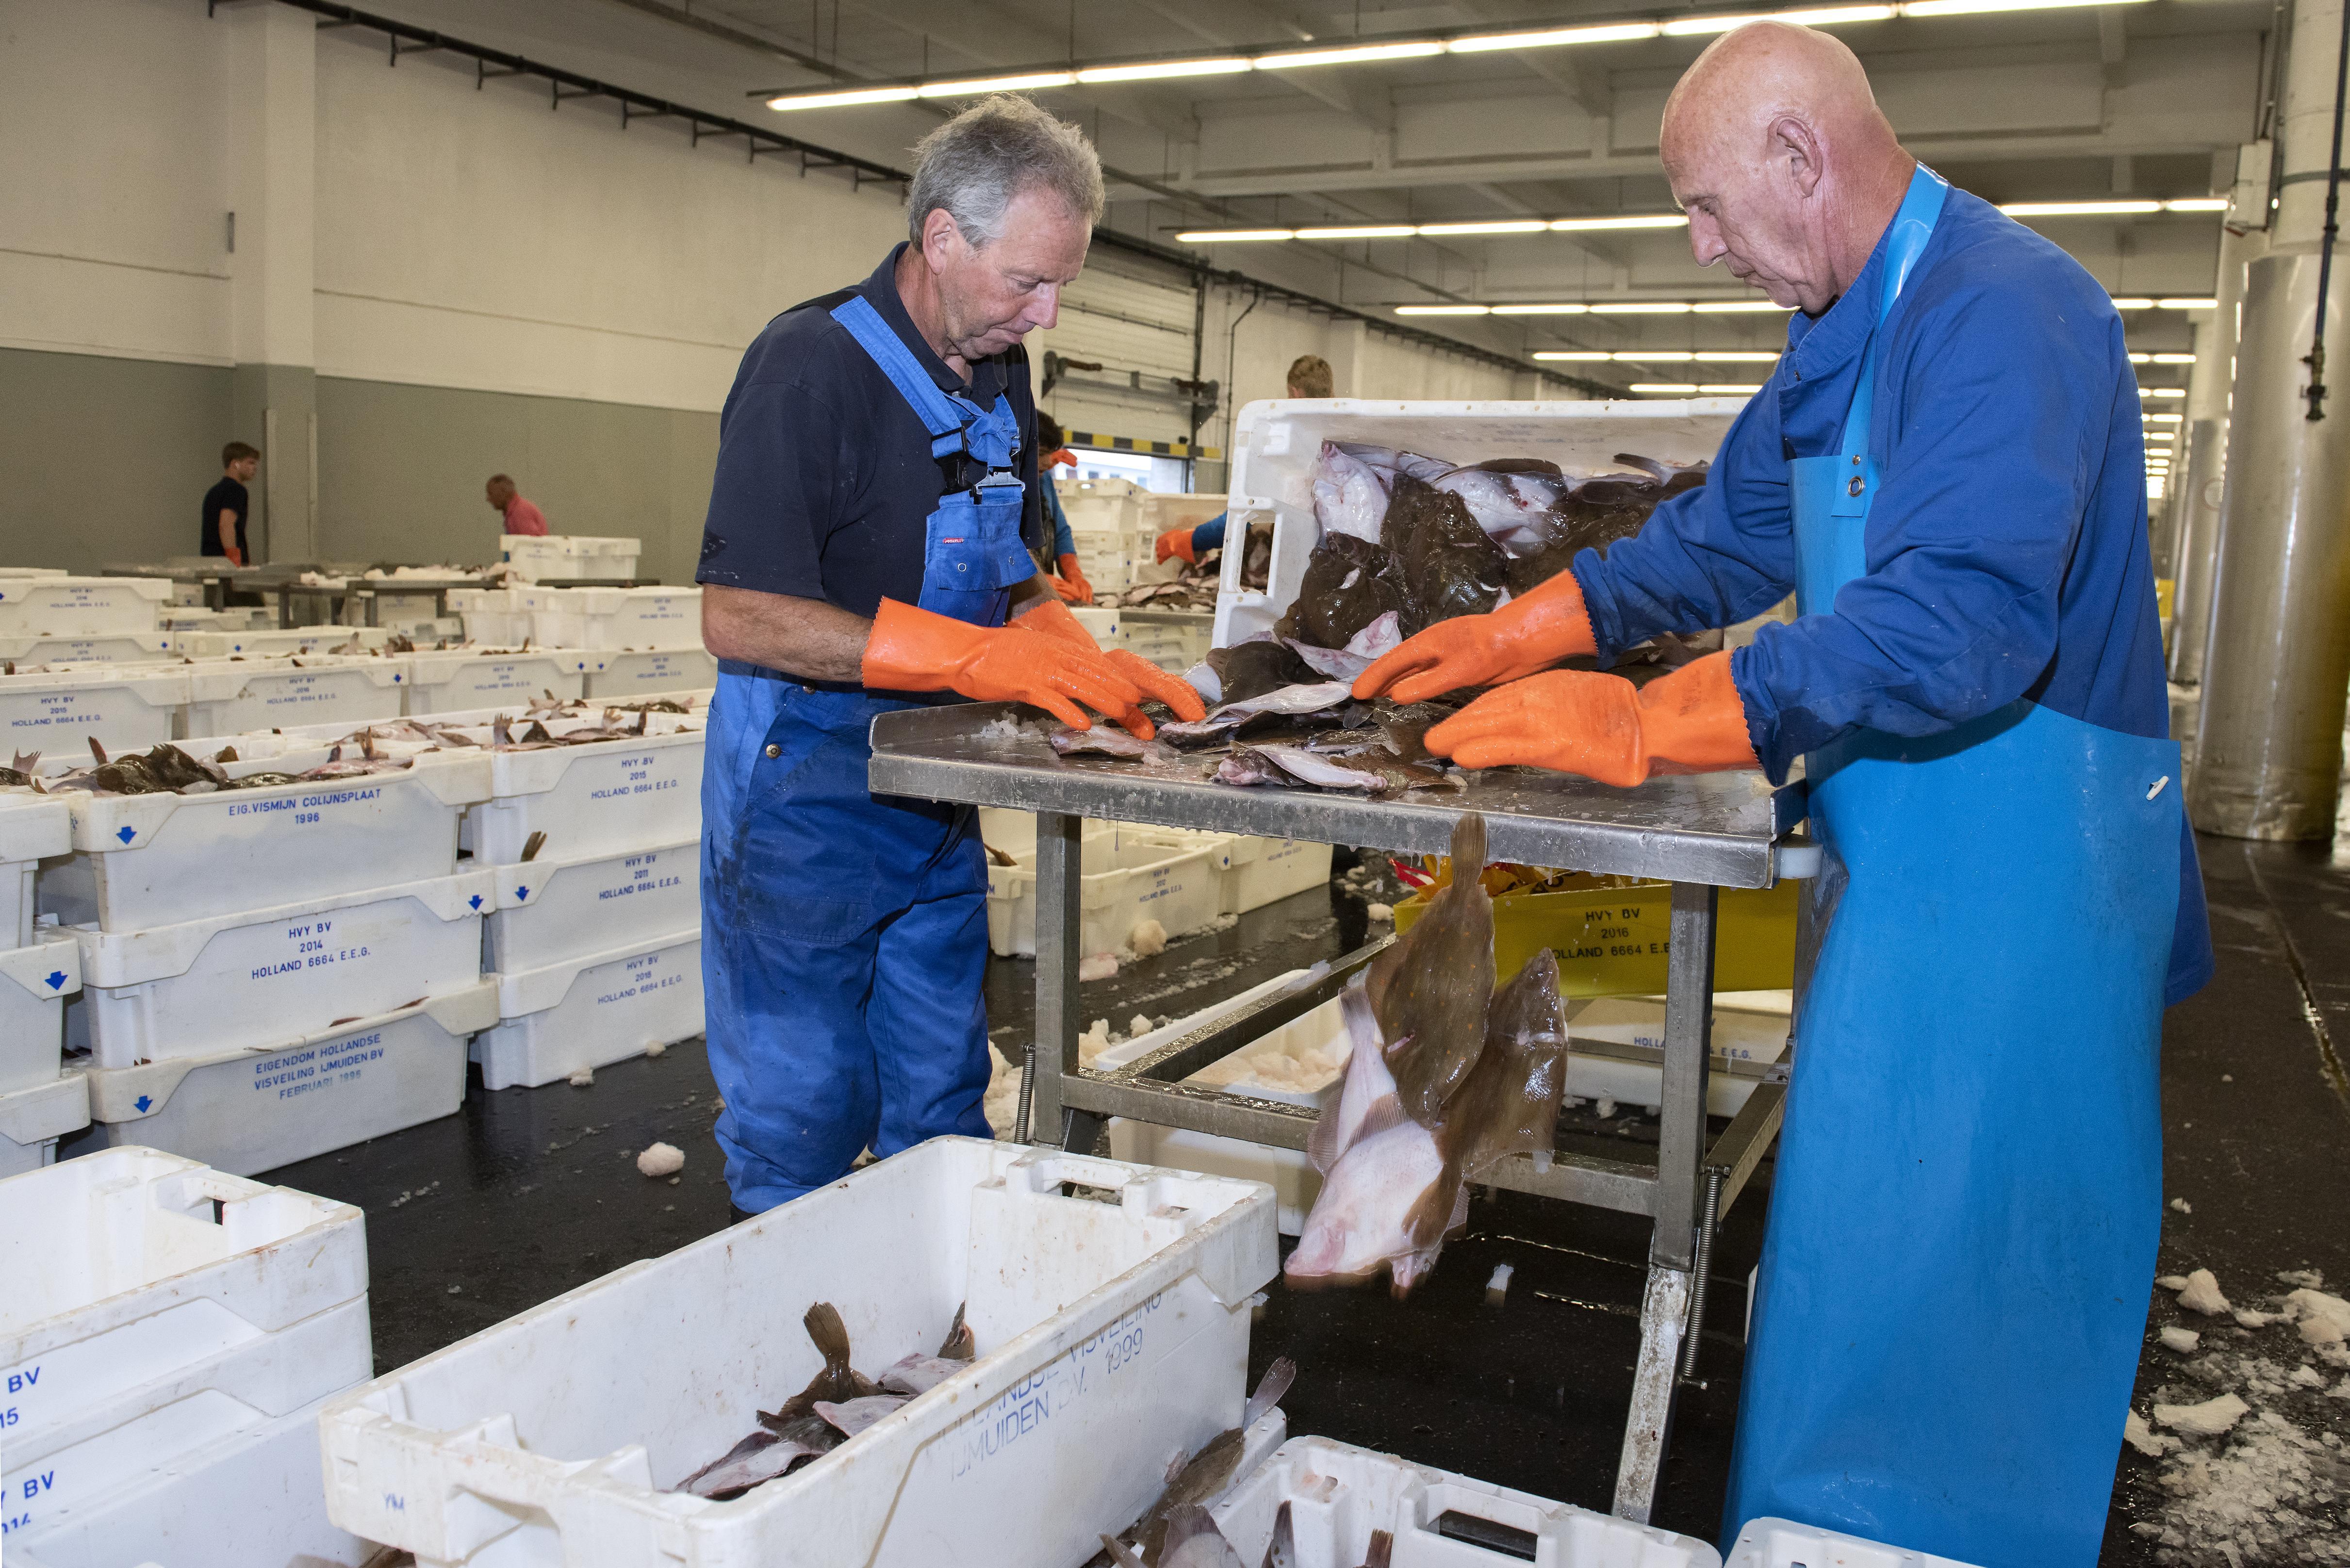 Ondanks coronacrisis boekte Zeehaven IJmuiden een redelijk goed halfjaar. Tegenover het wegvallen van de cruisevaart staat een hogere omzet uit visserijactiviteiten.